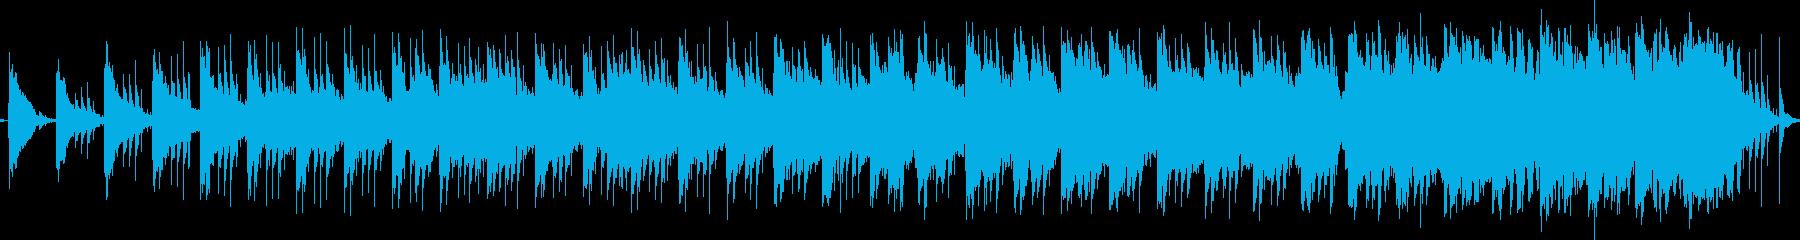 これは、ハンス・ジマーのスタイルで...の再生済みの波形